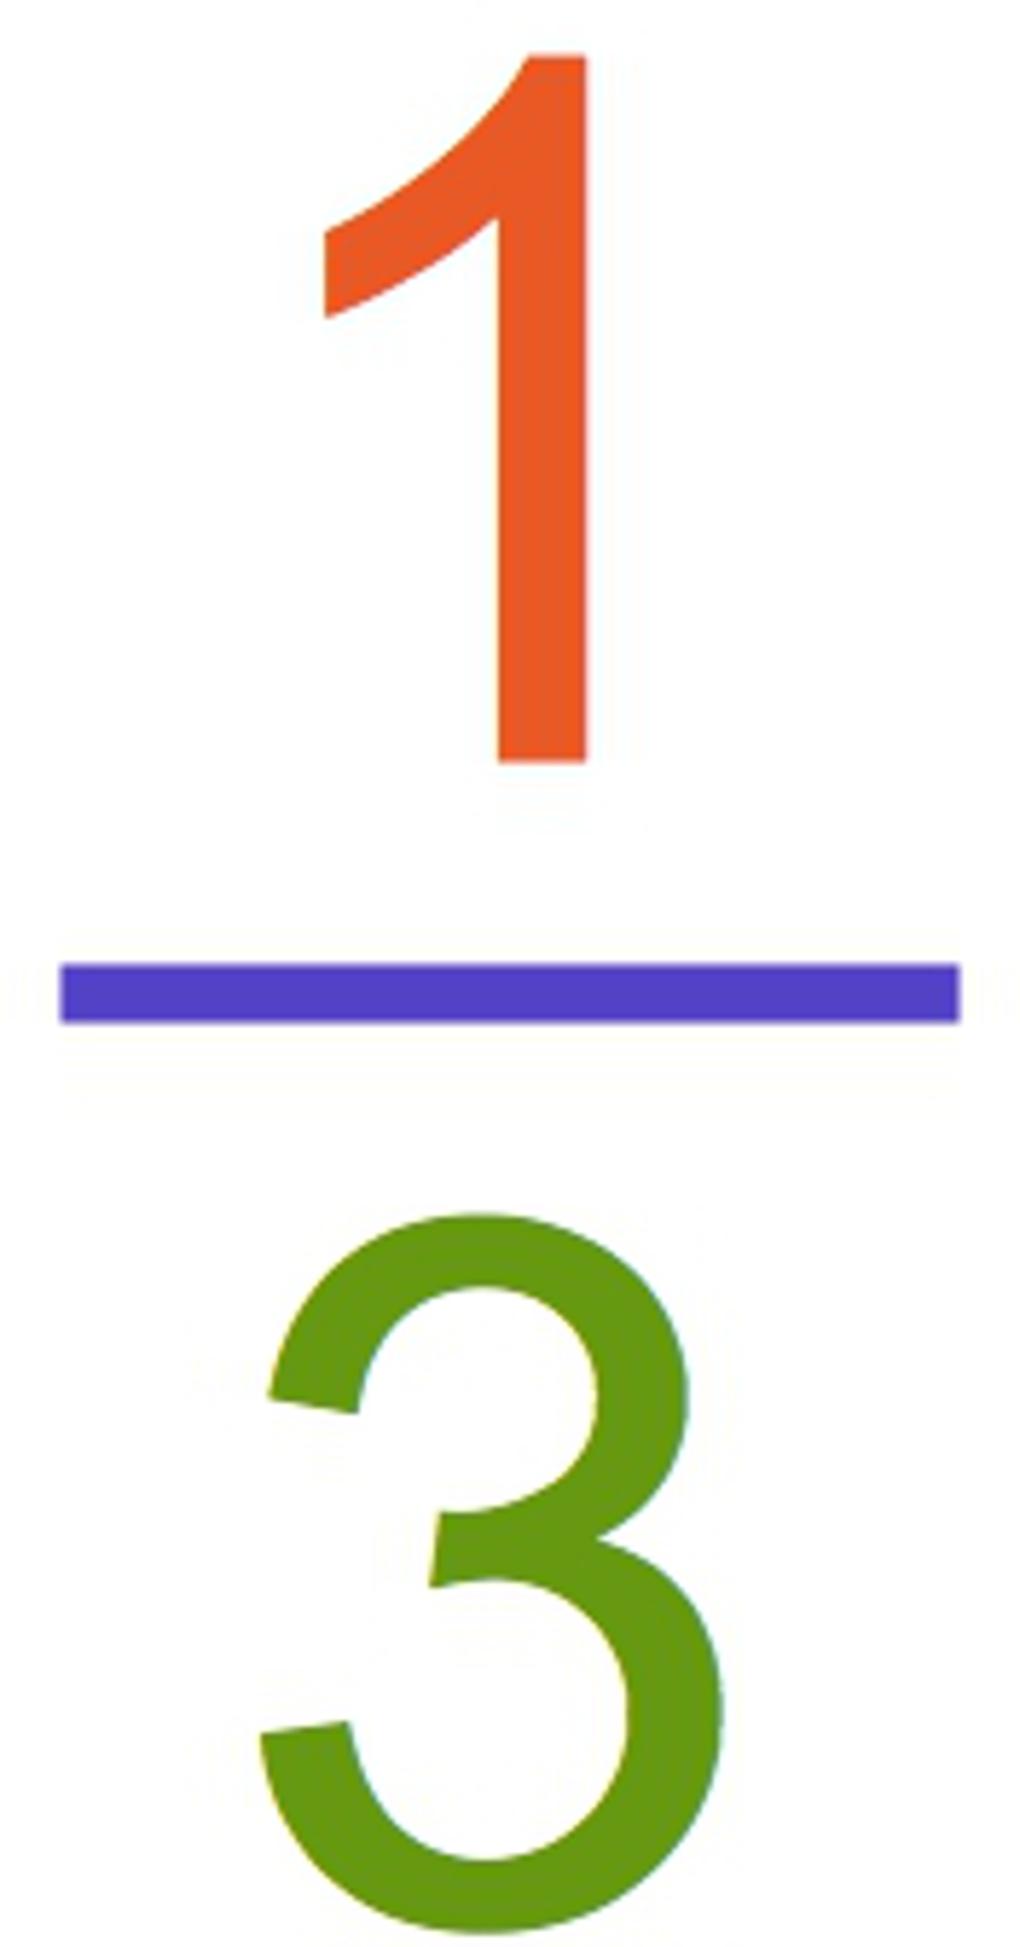 912_Bruch_1.jpg